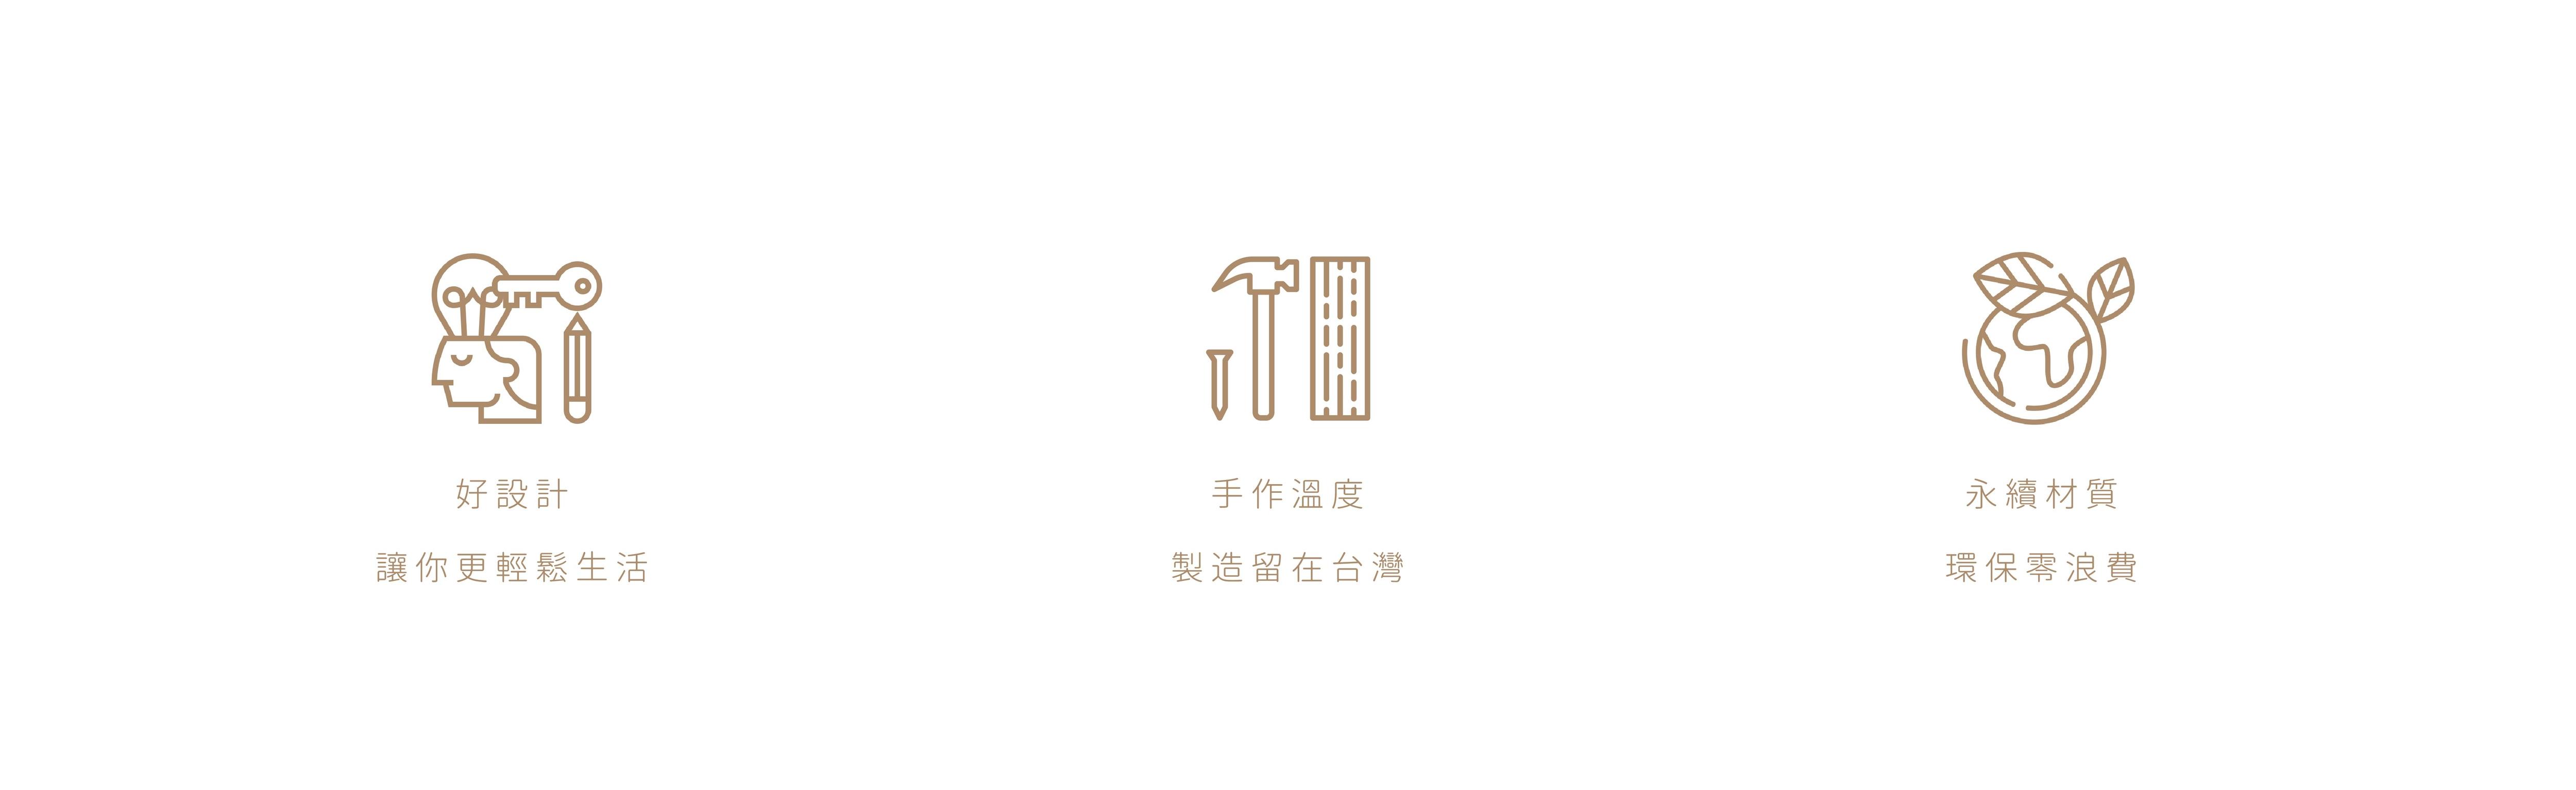 好設計,讓你輕鬆生活。手作溫度,製造留在台灣。永續材質,環保零浪費。